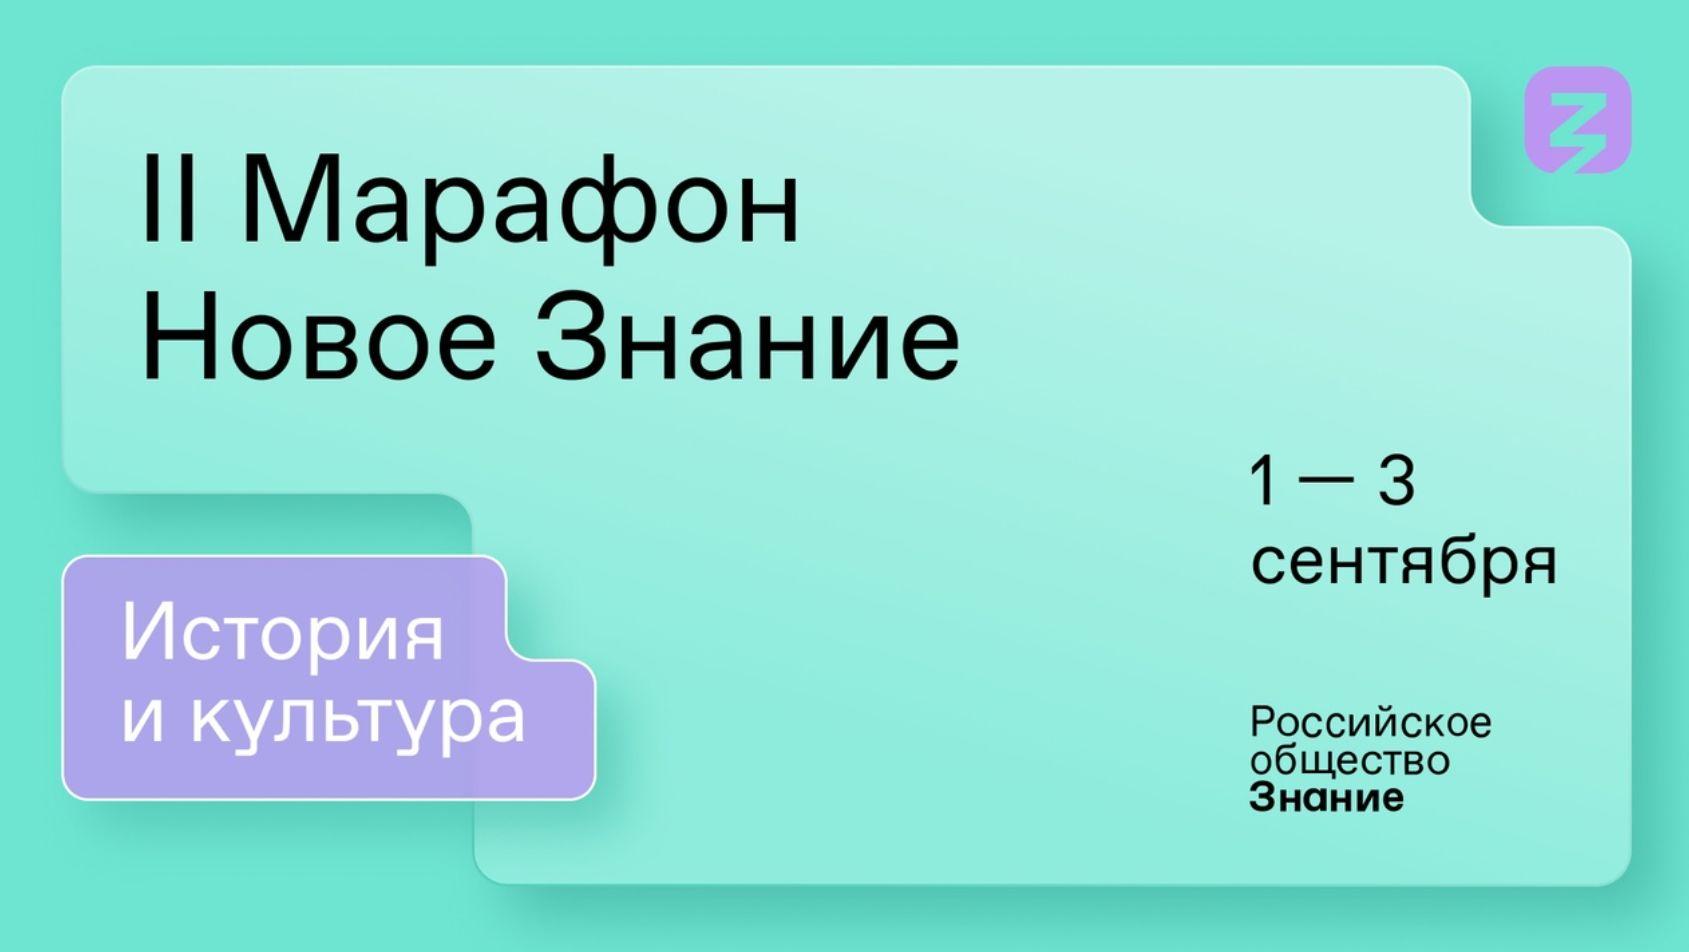 В День знаний жители Ярославской области смогут увидеть звезд науки и культуры на марафоне «Новое Знание»